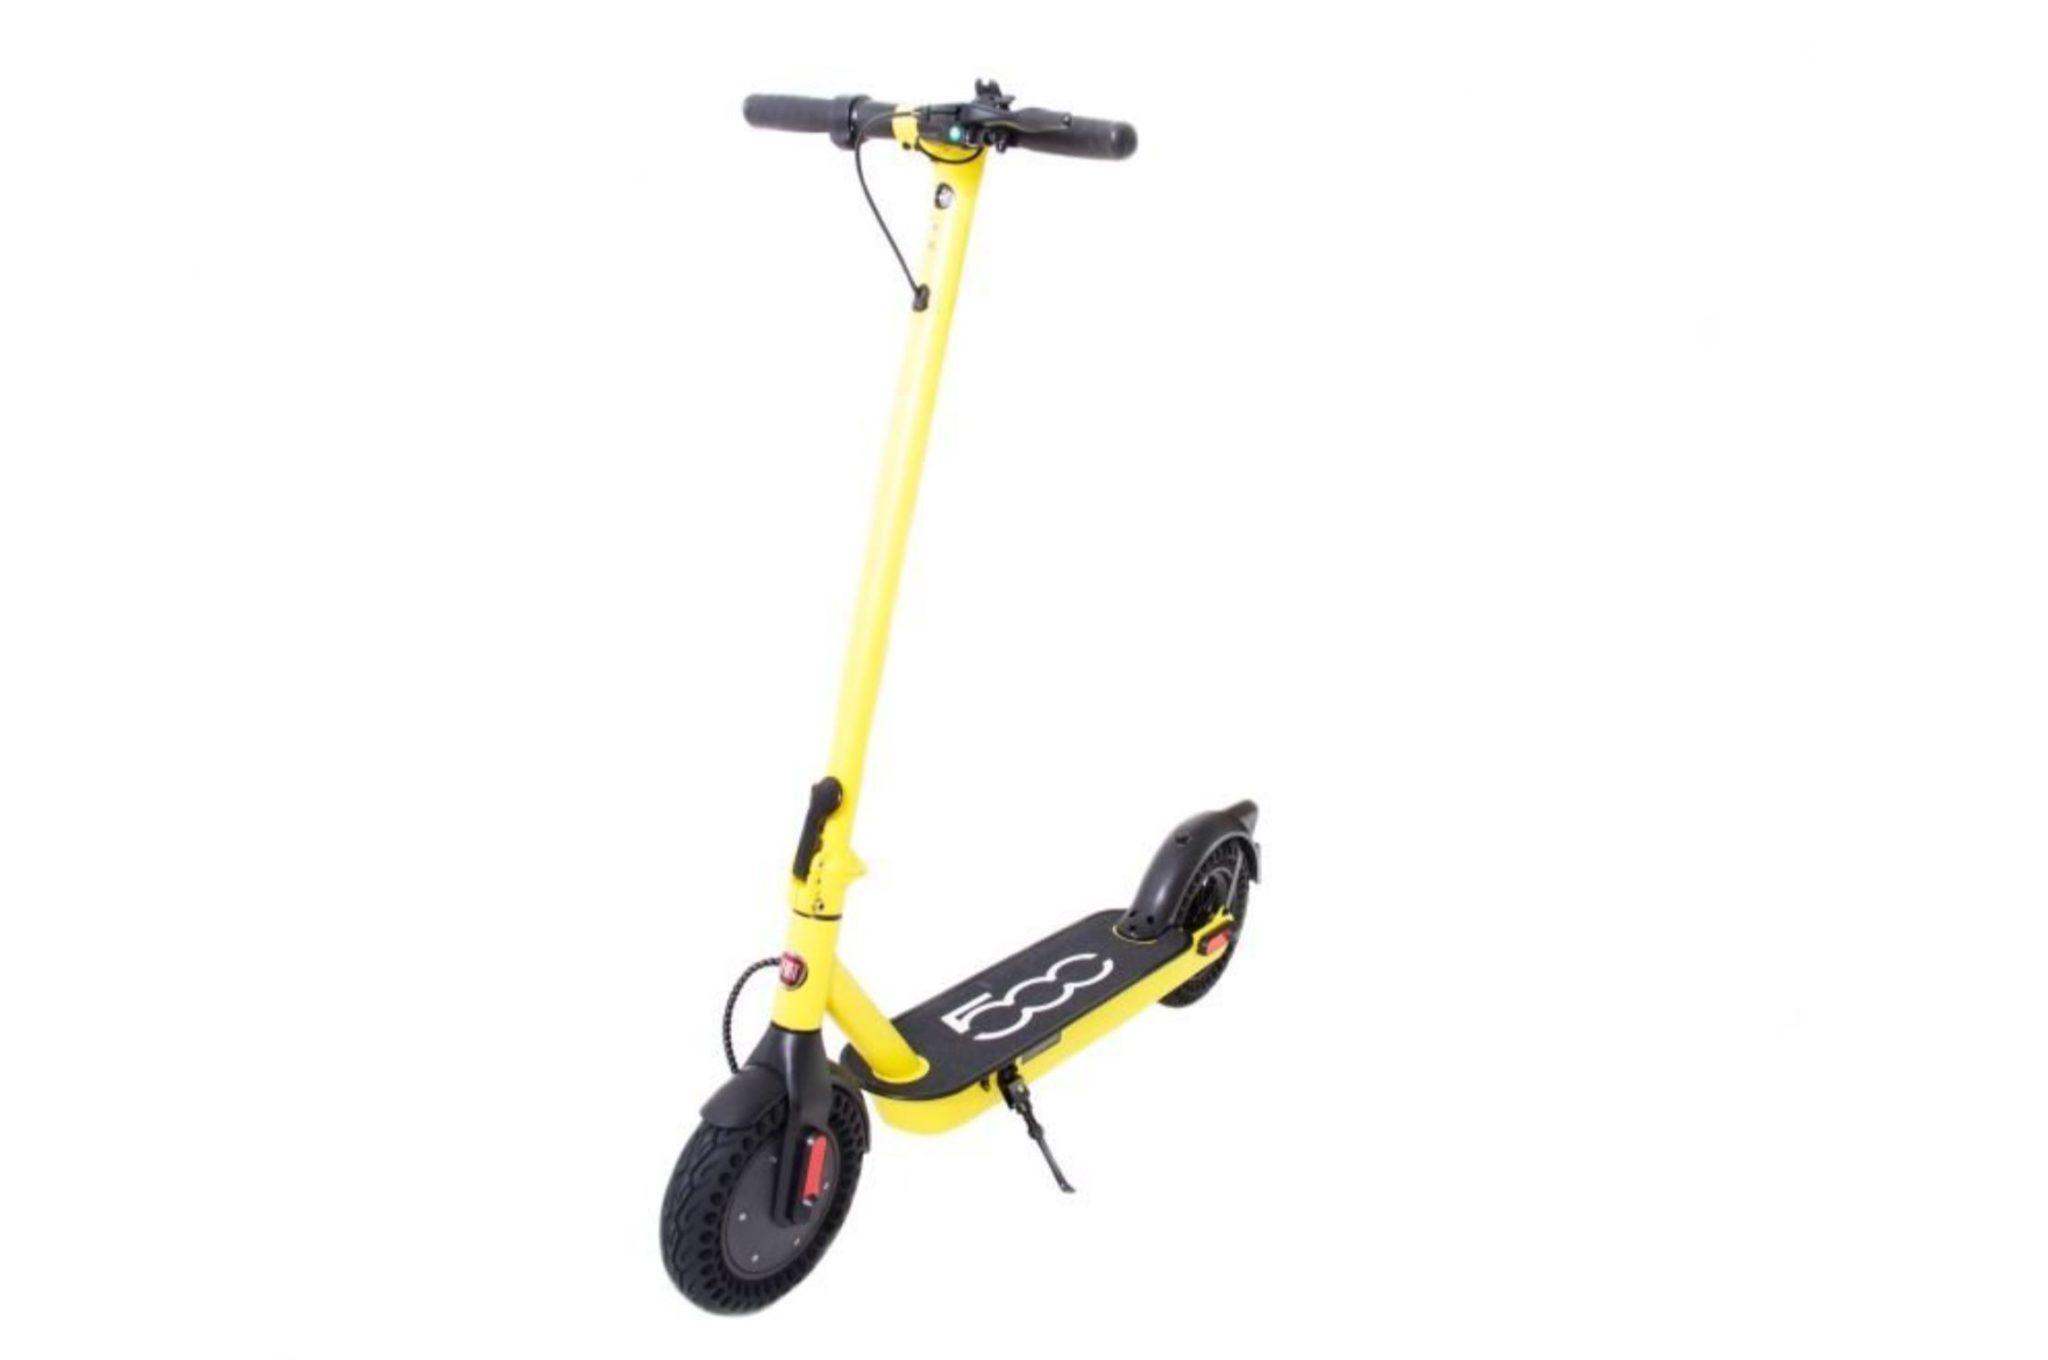 TOP 10 hulajnóg elektrycznych - ranking - Fiat F10 500 - żółta